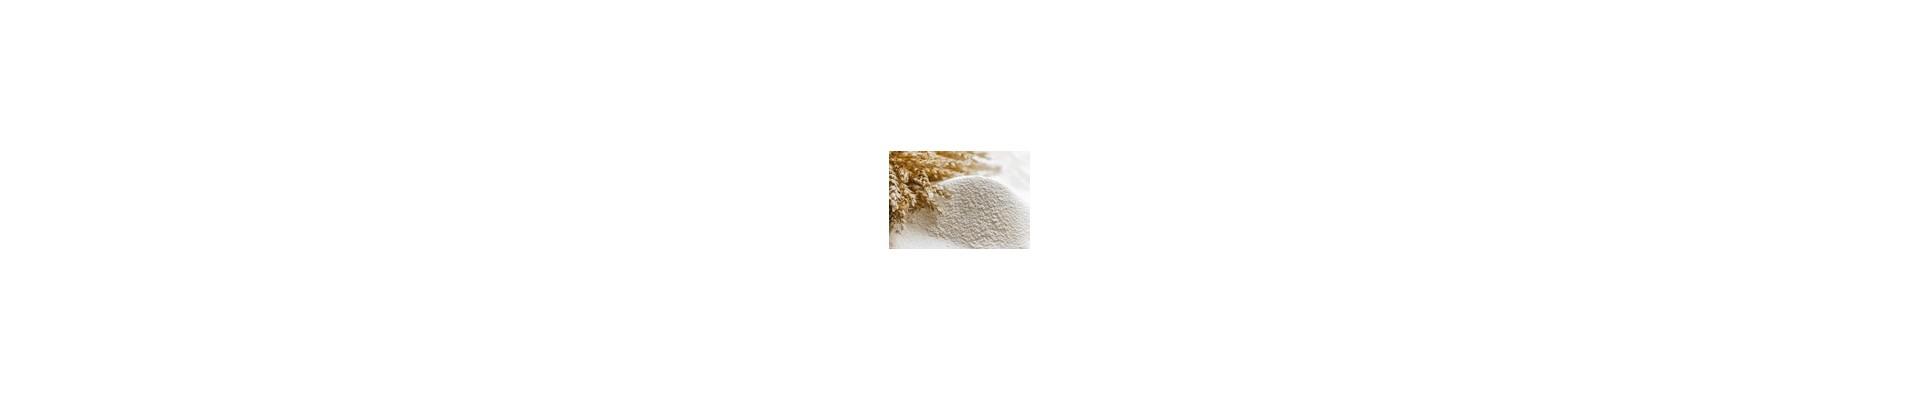 Online-Verkauf von sizilianischem Weizenmehl